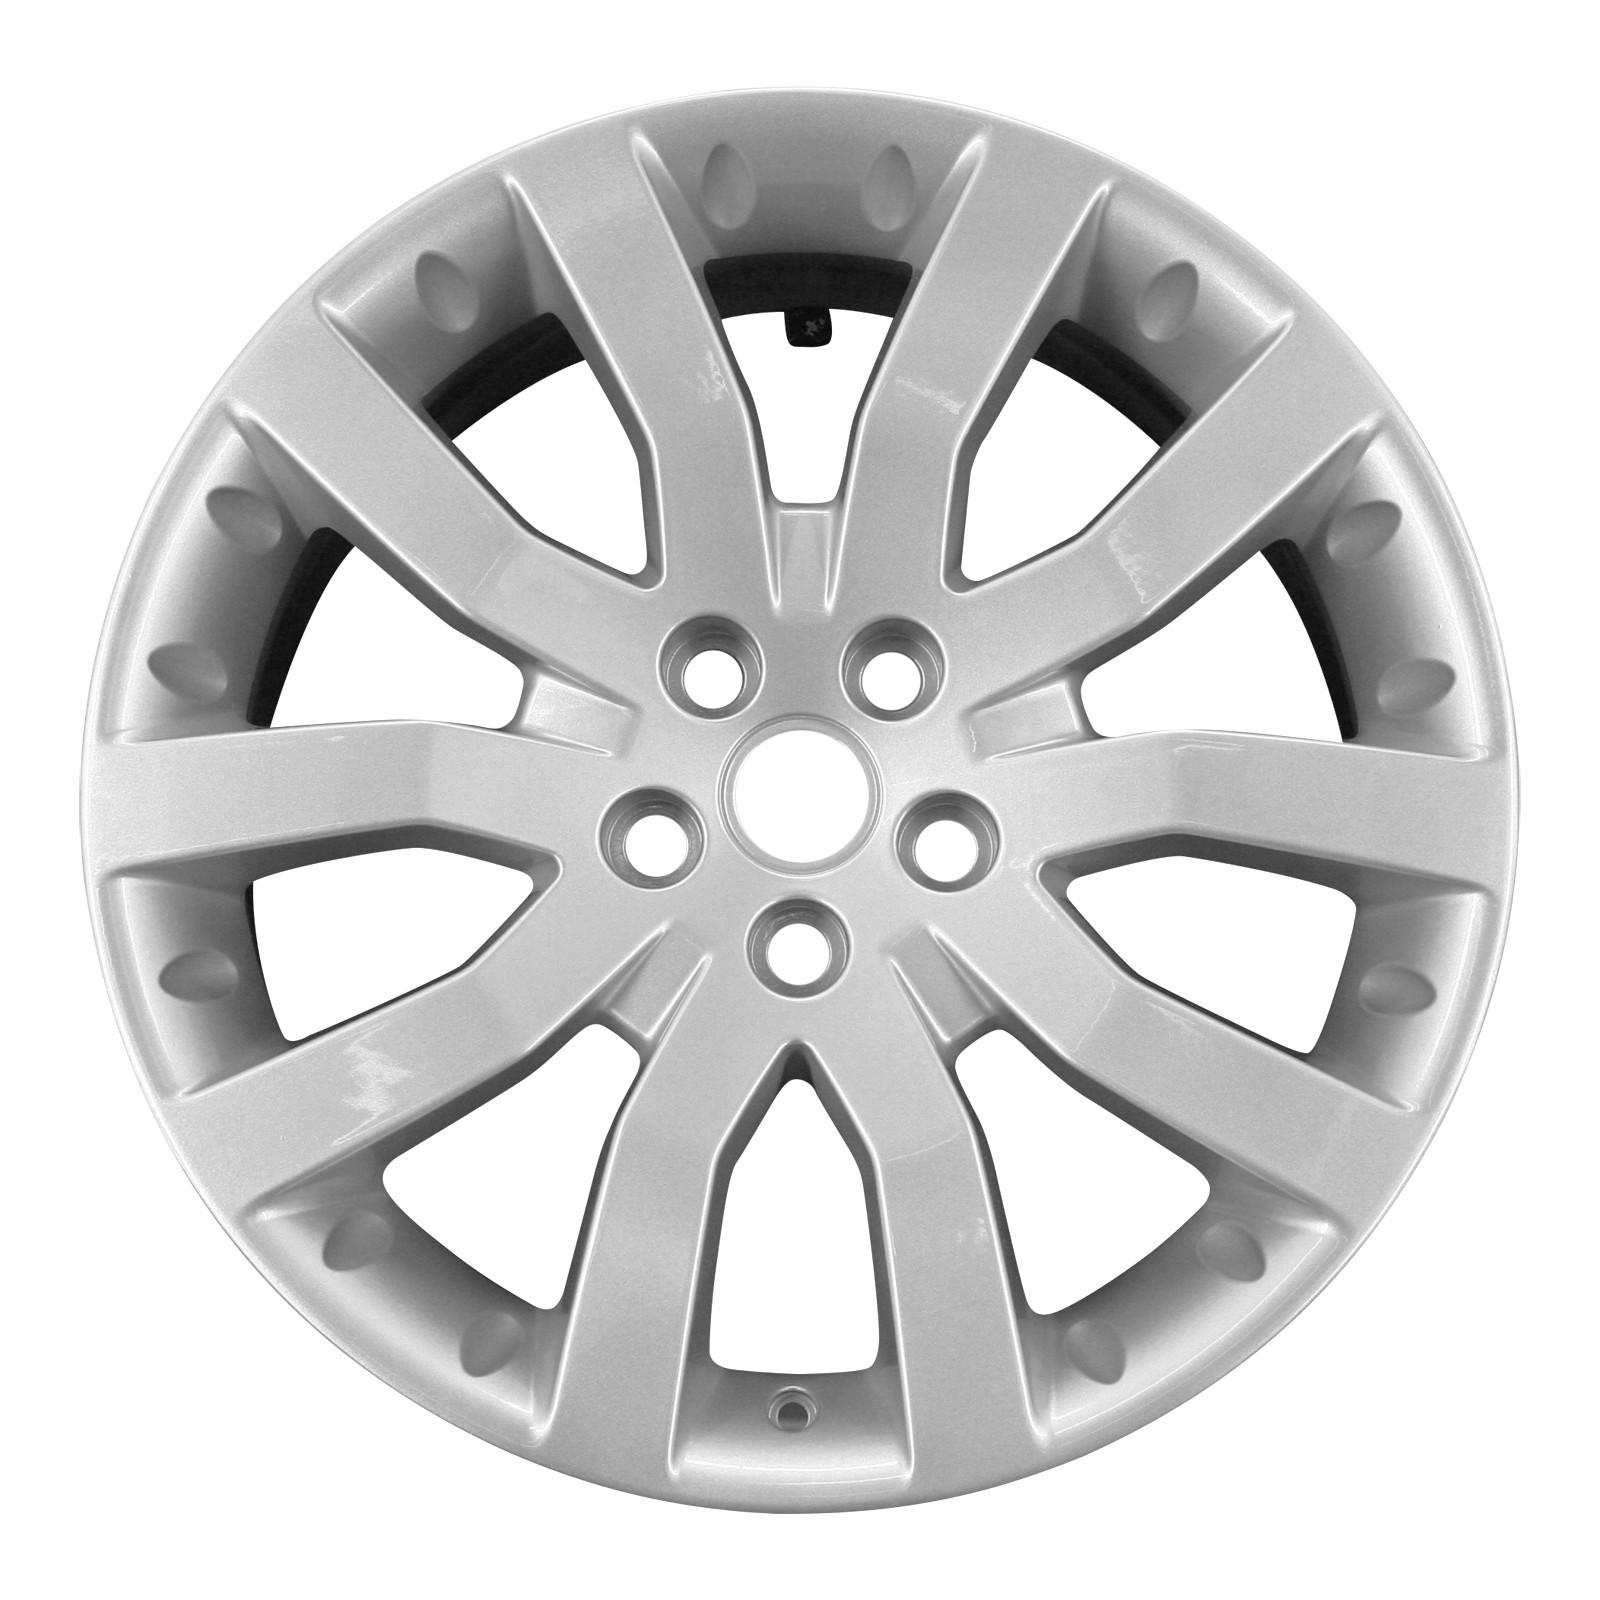 Колесный диск R20 Chrome Shadow для Range Rover Sport 2010-2014